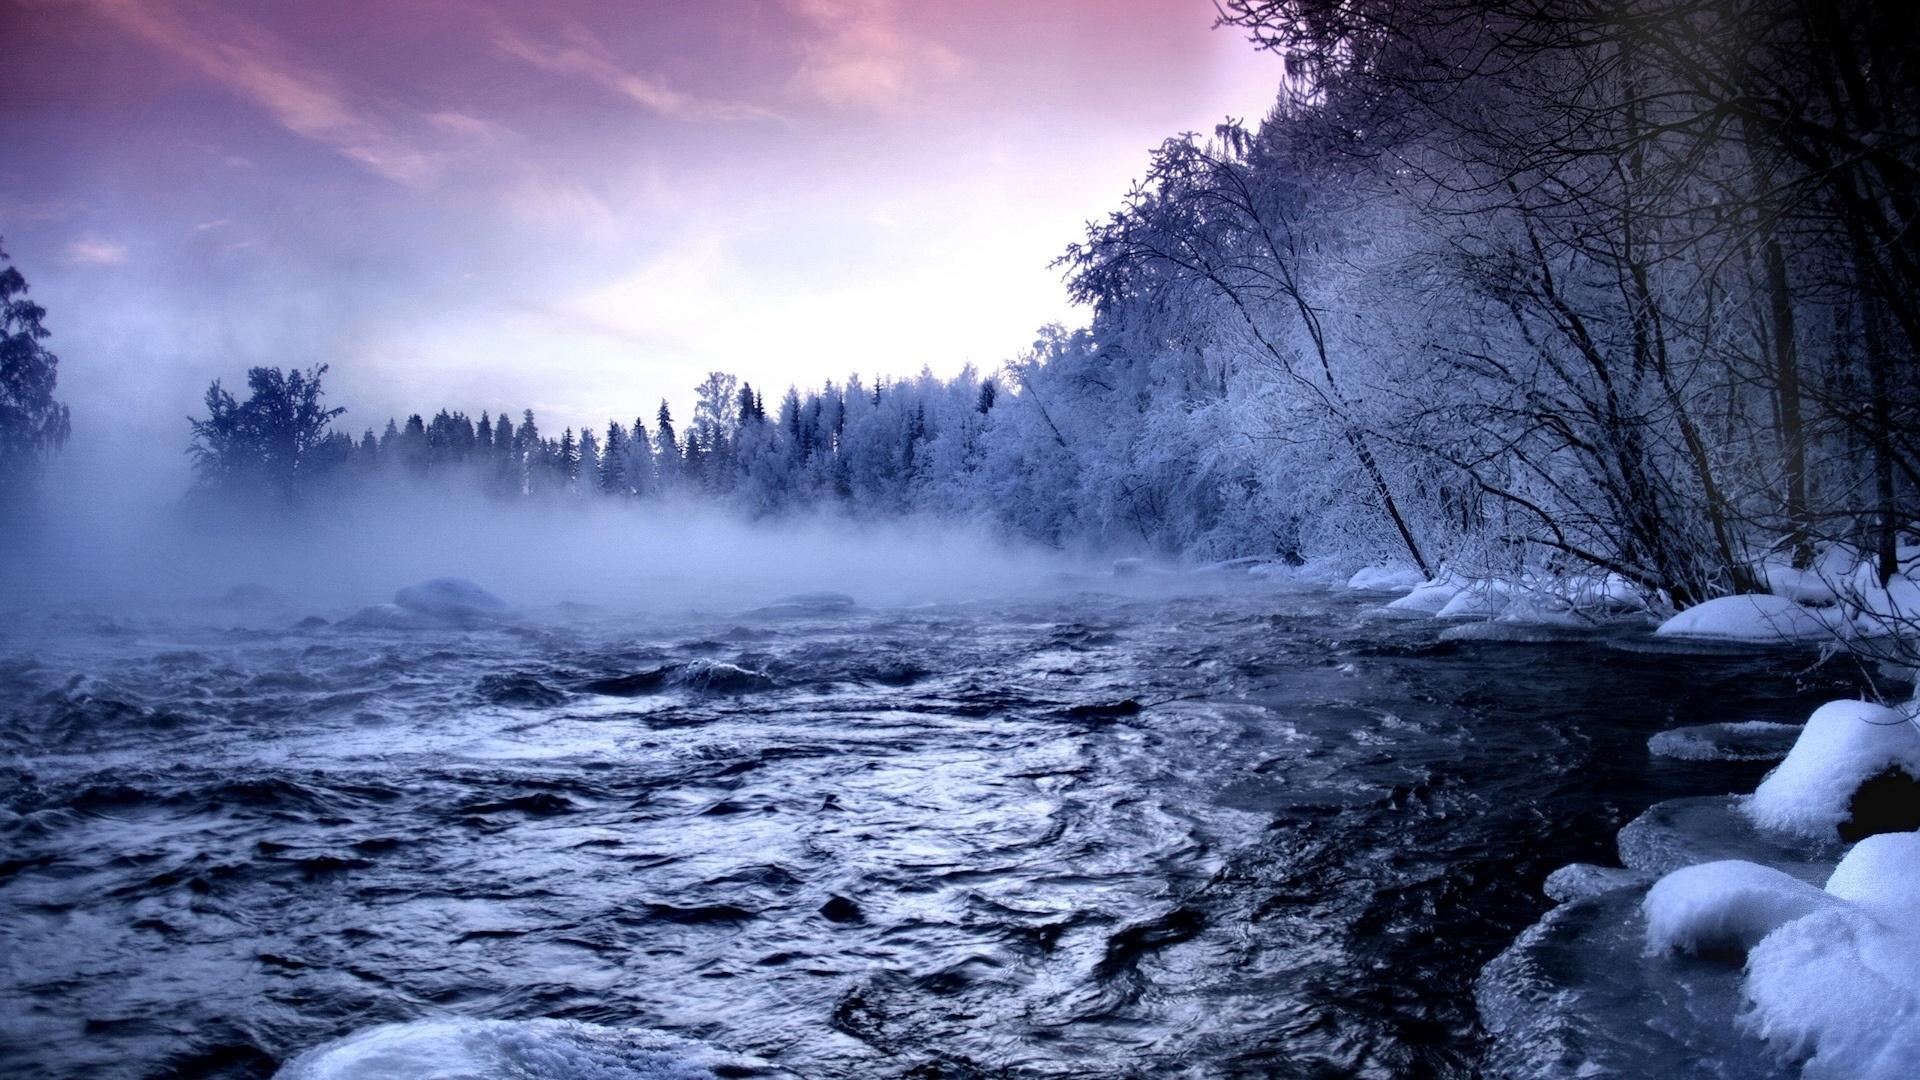 winter landscape desktop wallpaper in hd full free - media file